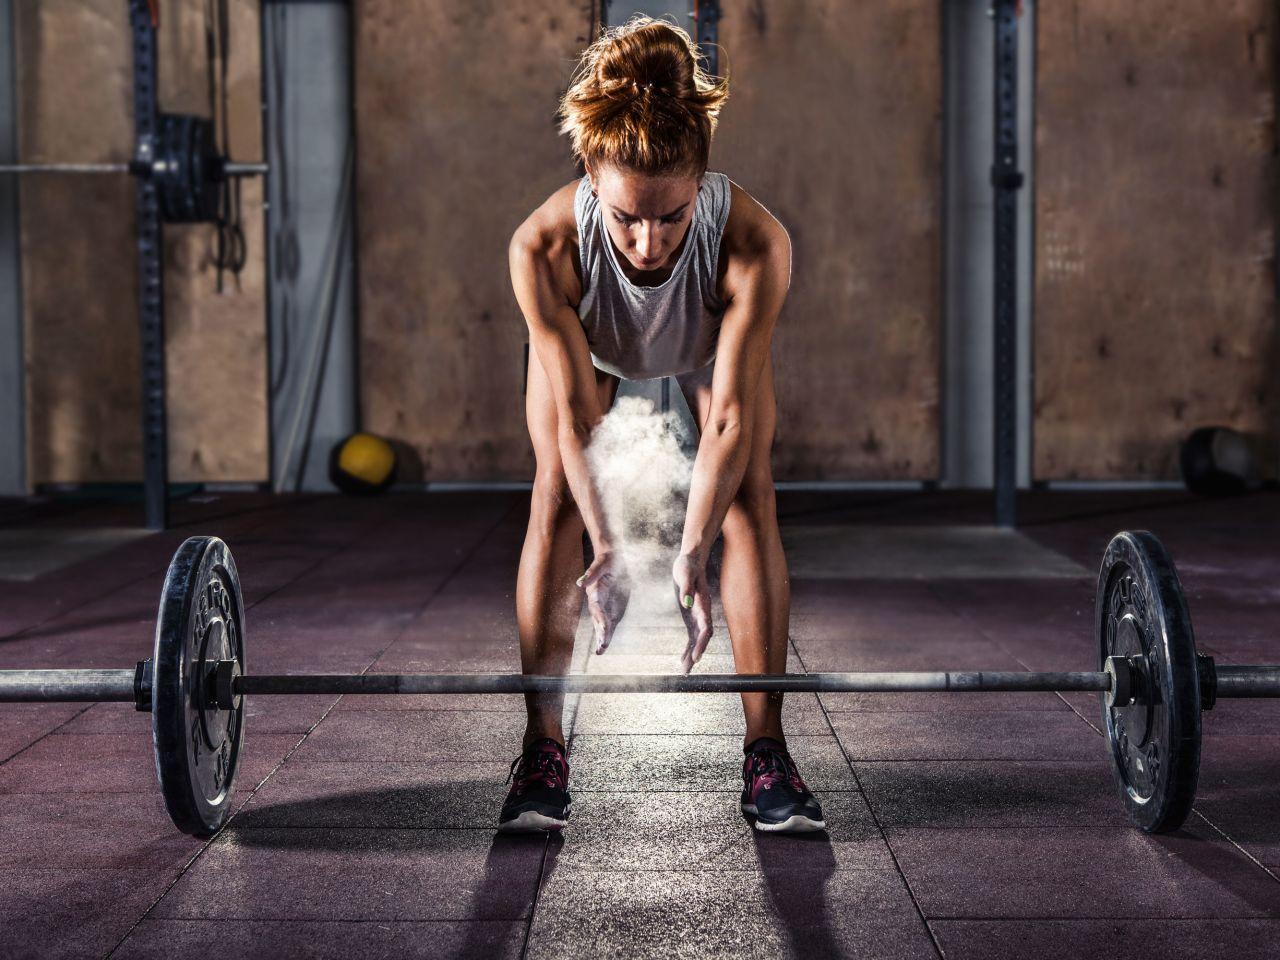 Что такое кроссфит для женщин: польза и вред кроссфита